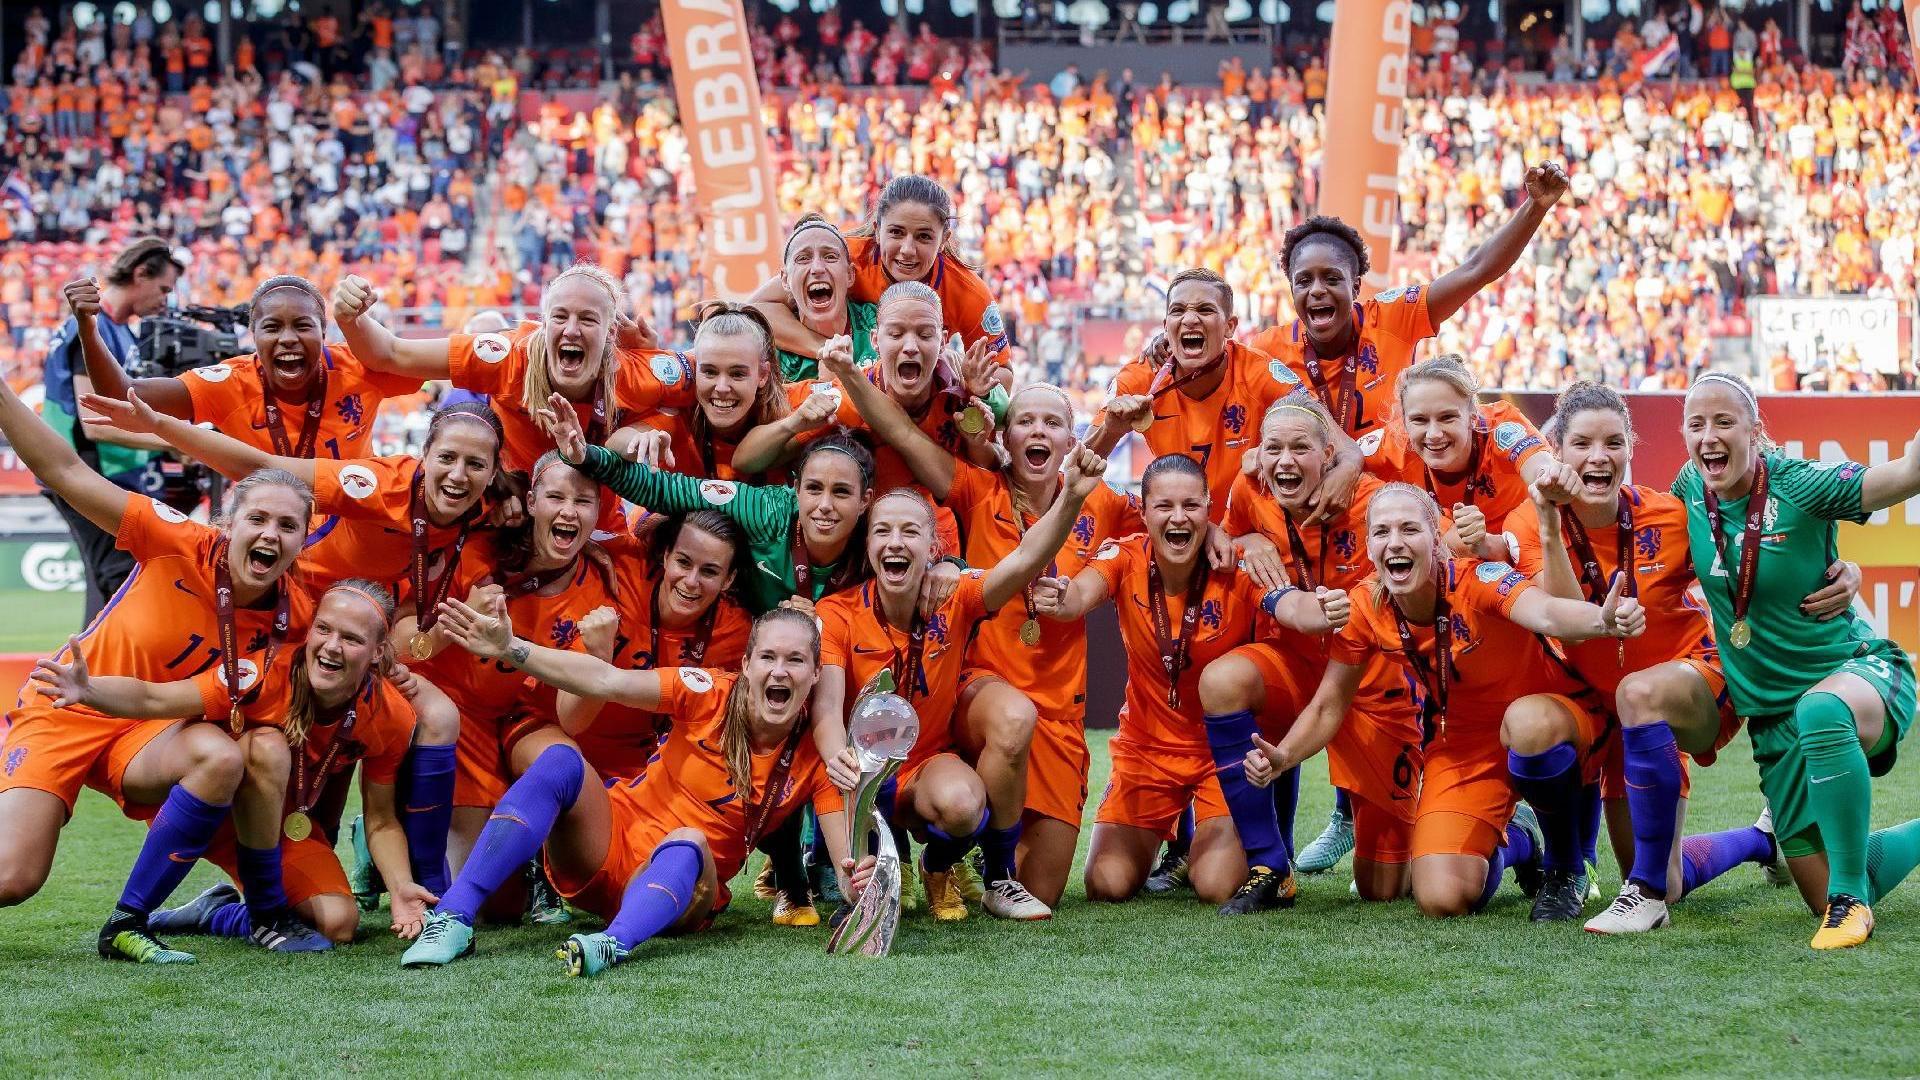 leuk voor wallpaper nederlands elftal wk vrouwen 2019